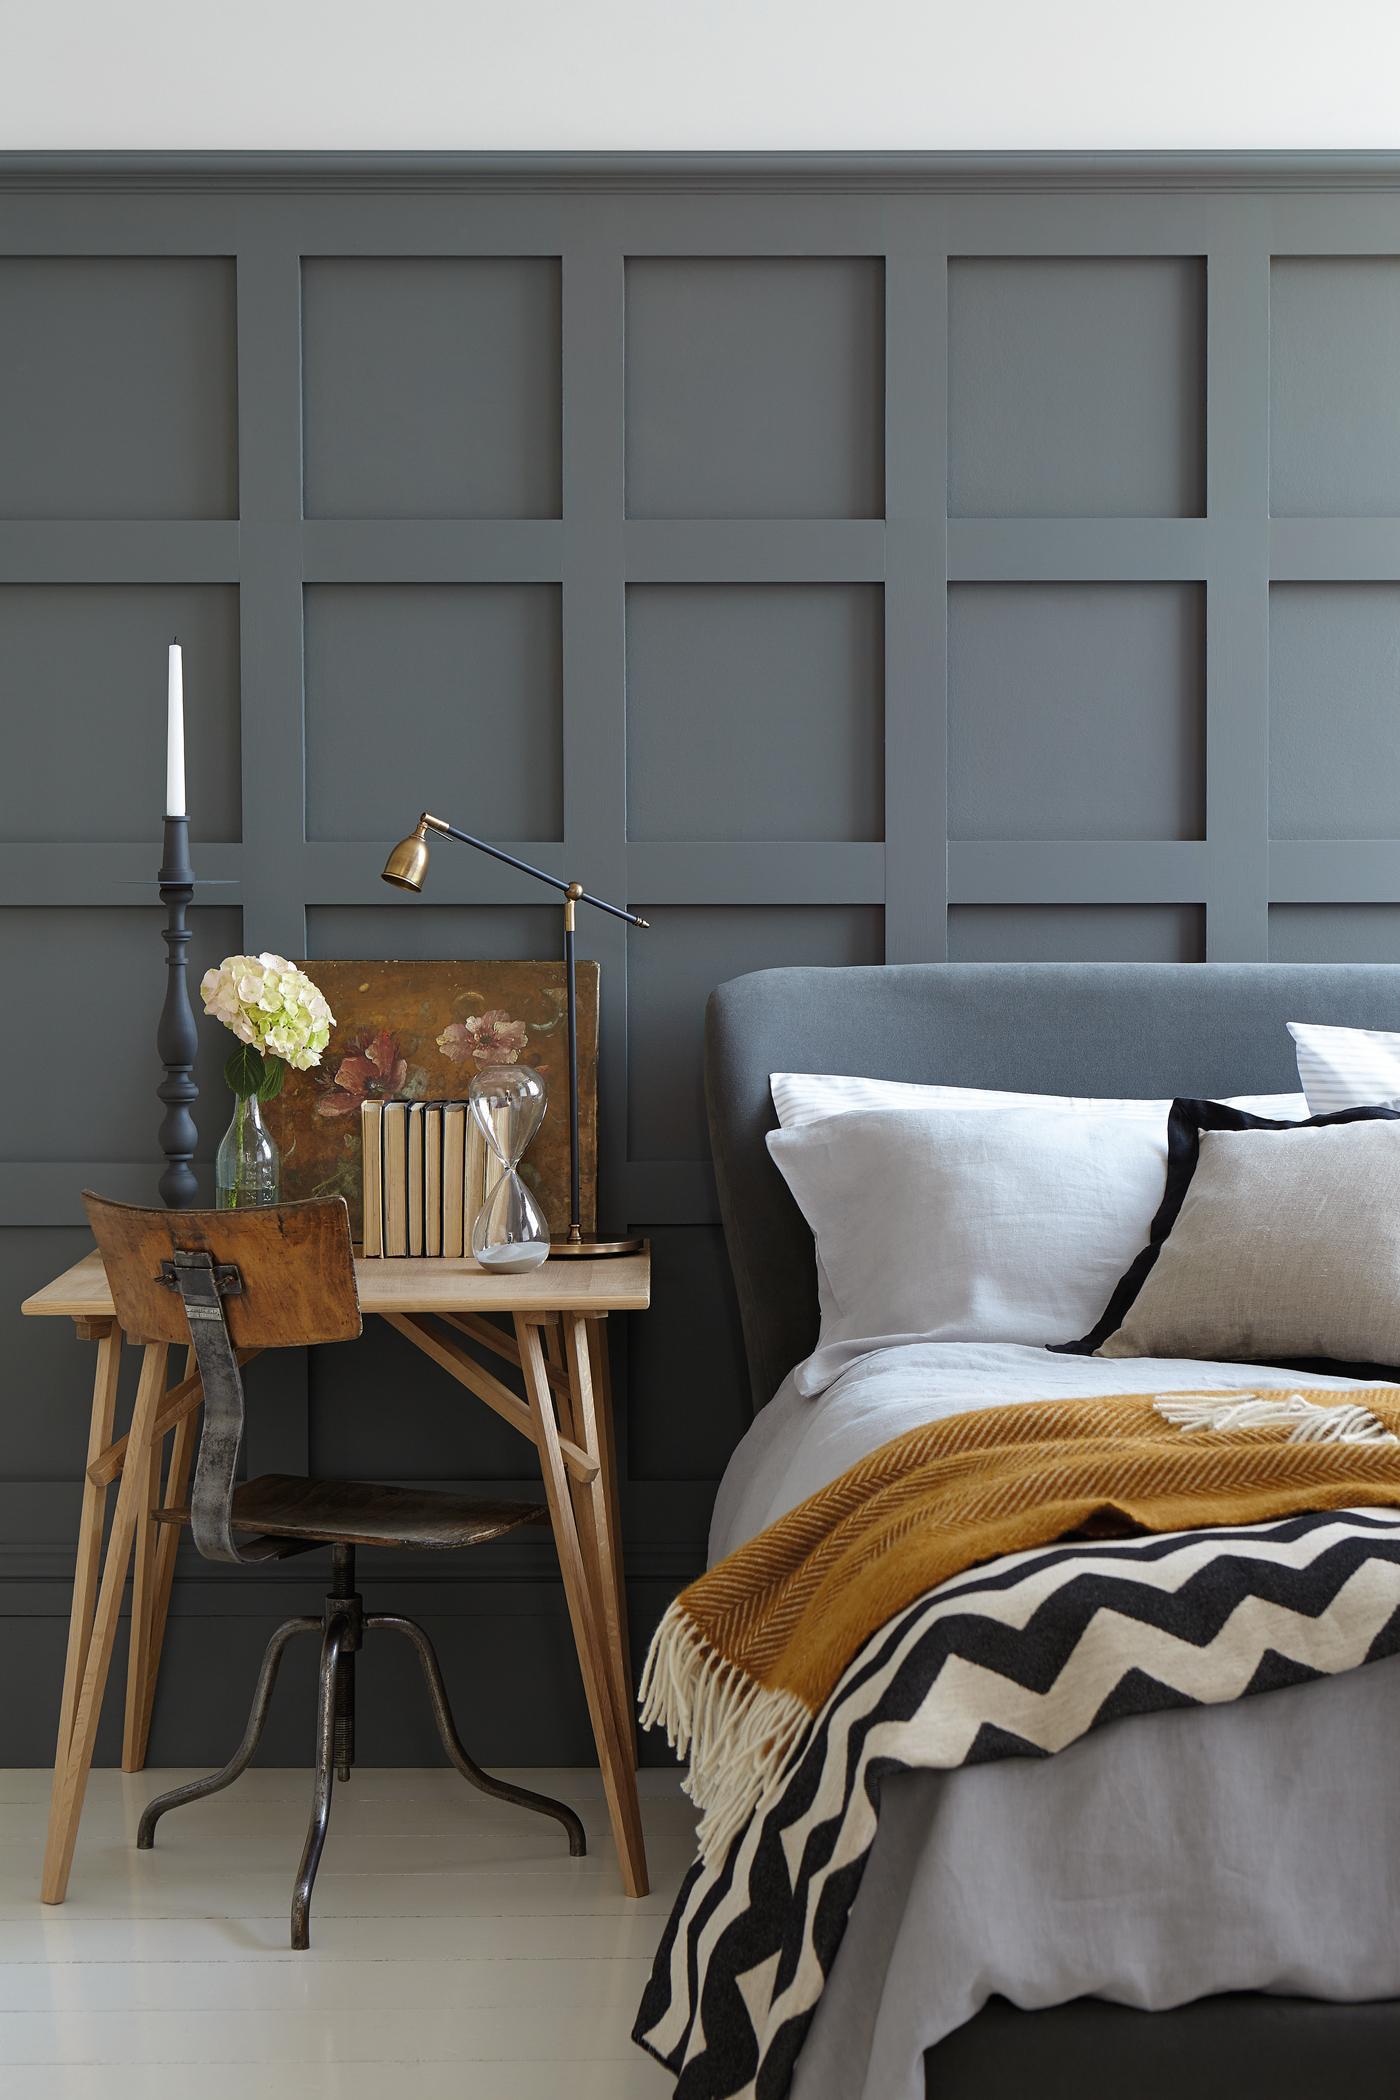 Kleine Arbeitsecke Am Bett Wandverkleidung Tagesde